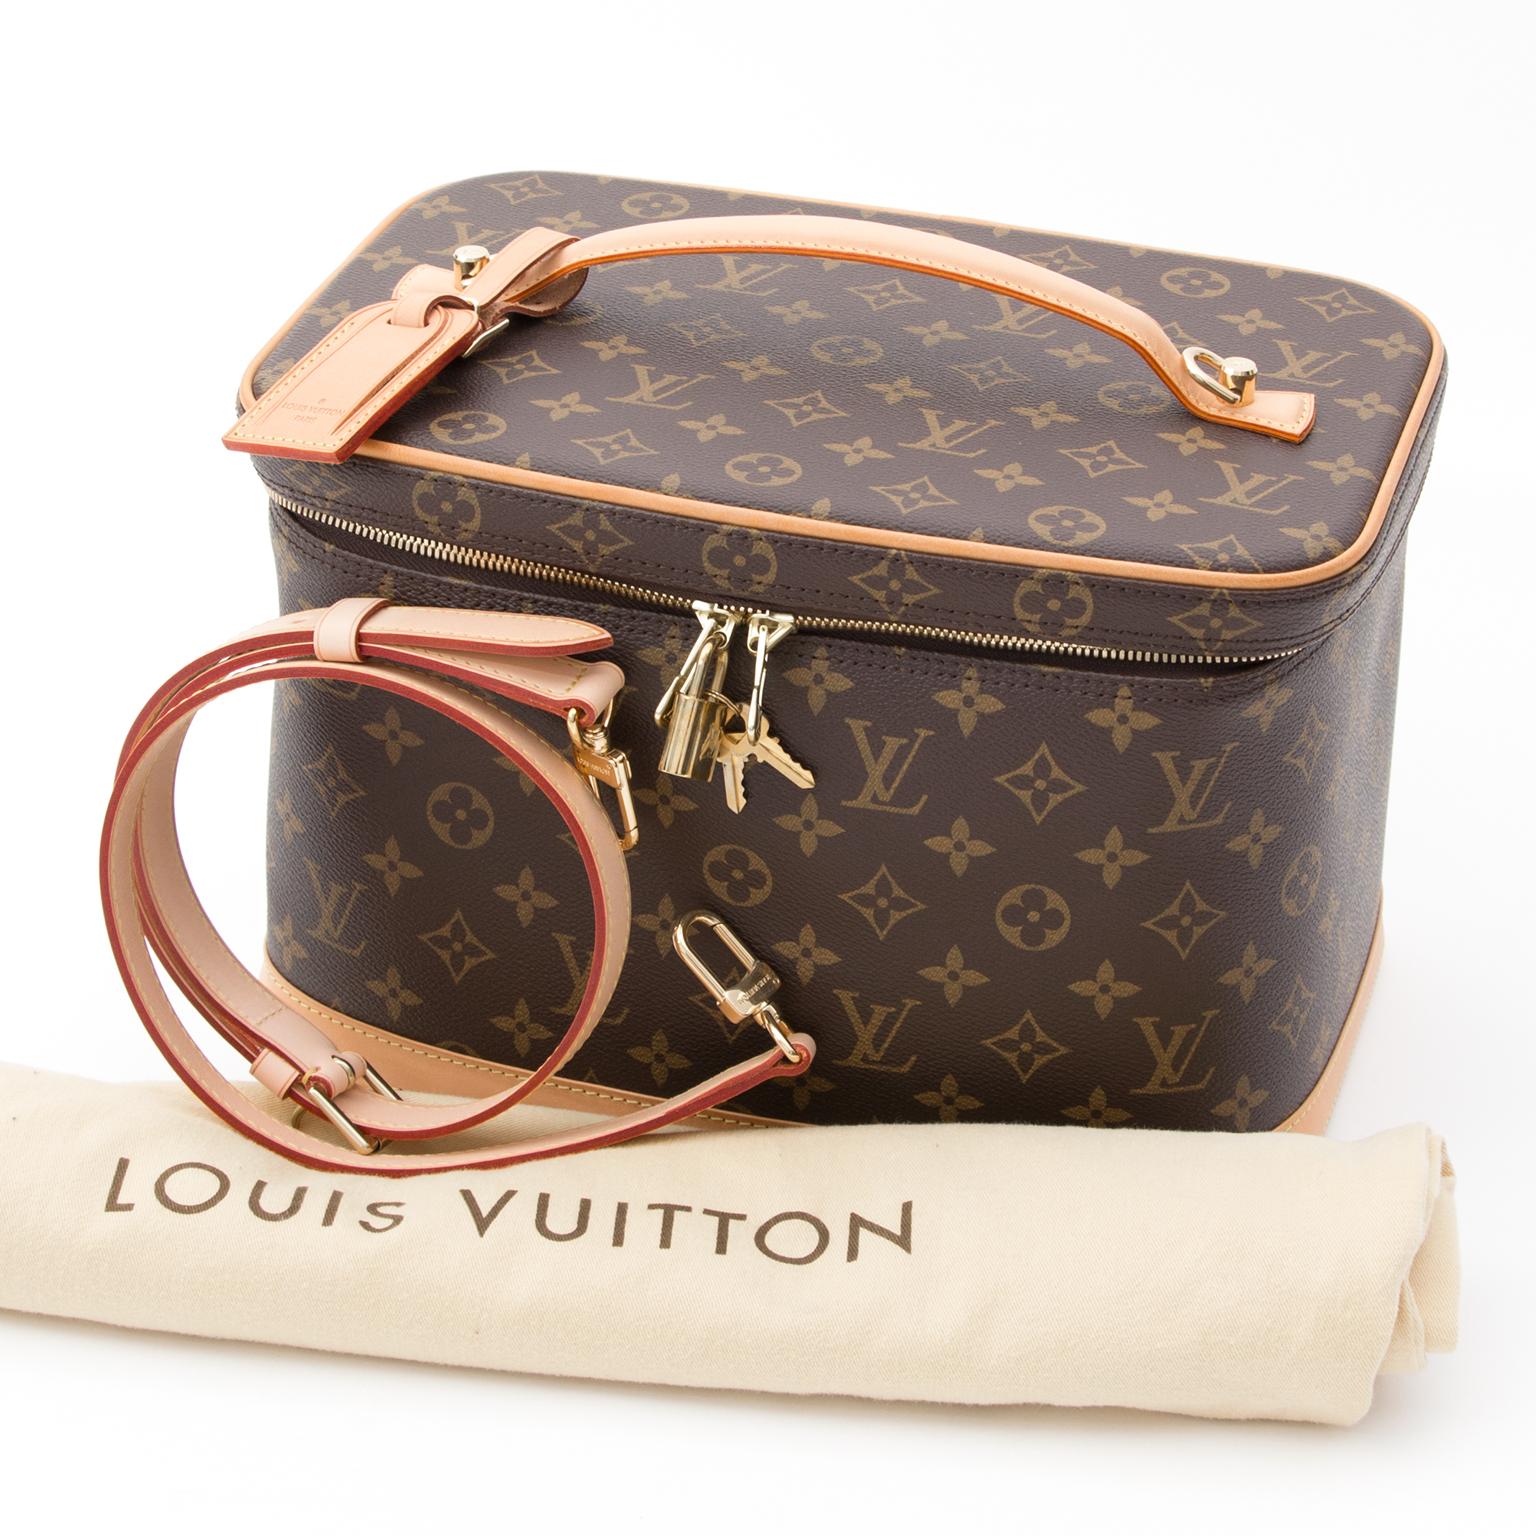 0e05c51ddf7 ... Louis Vuitton Monogram NICE Cosmetic Travel Bag LVJS601 Tweedehands  luxe merken aan juiste prijs LabelLOV